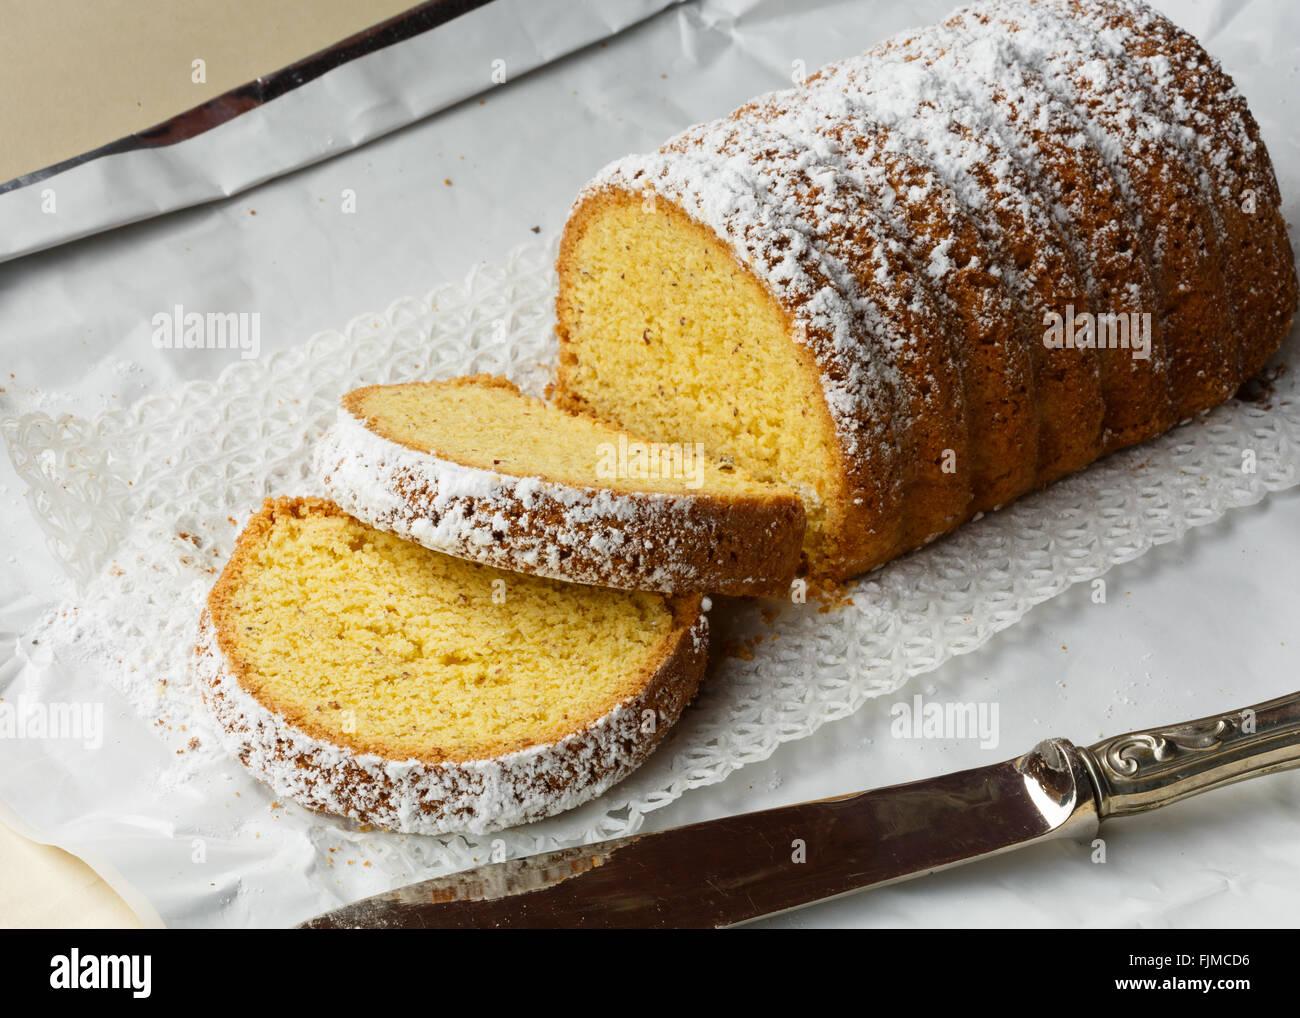 Dolce Varese, hecha con harina de maíz y almendras molidas, típico pastel de Varese, en Lombardía, Imagen De Stock